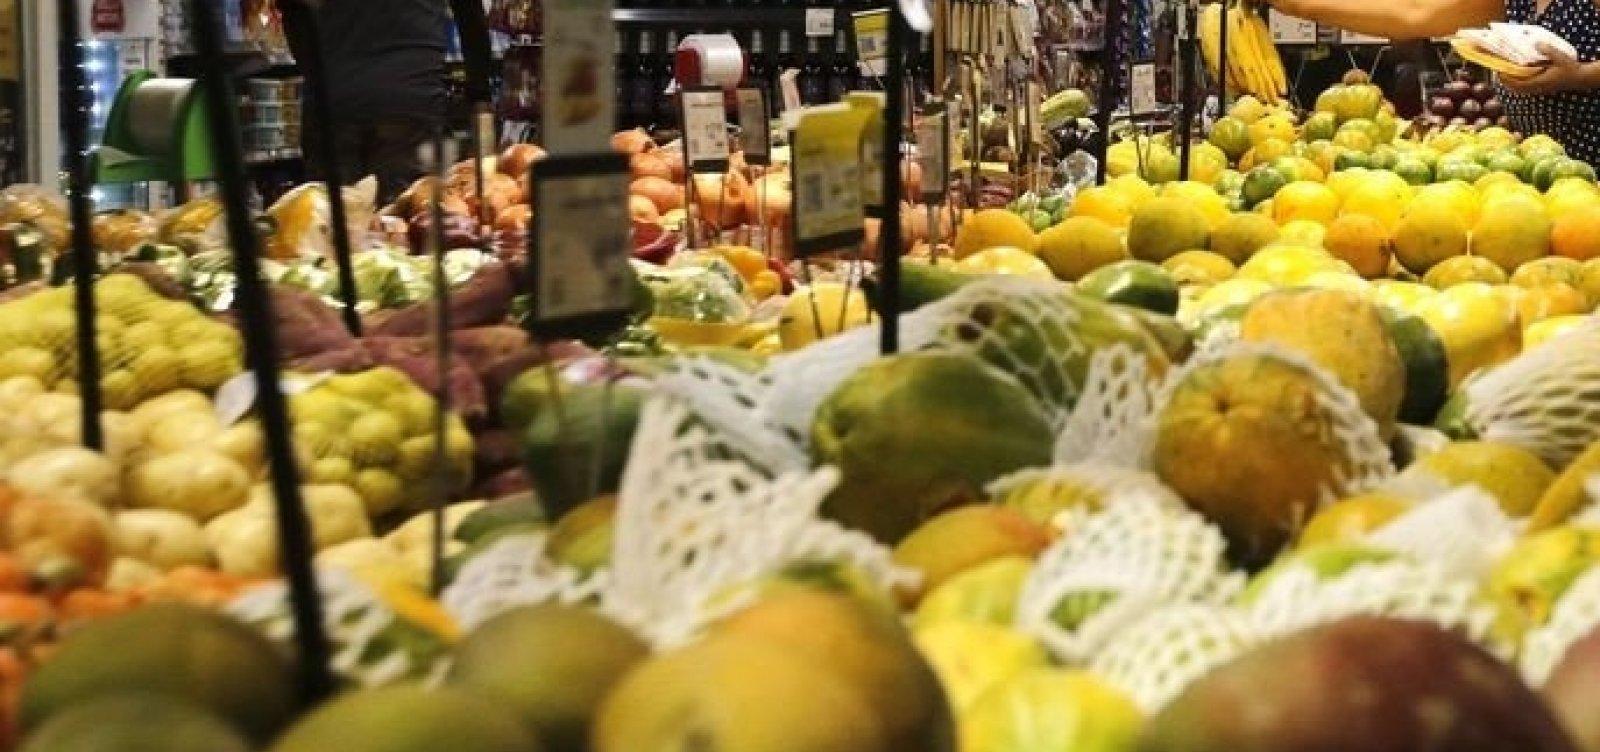 Despesas do governo federal com alimentos passam de R$ 1,8 bilhão